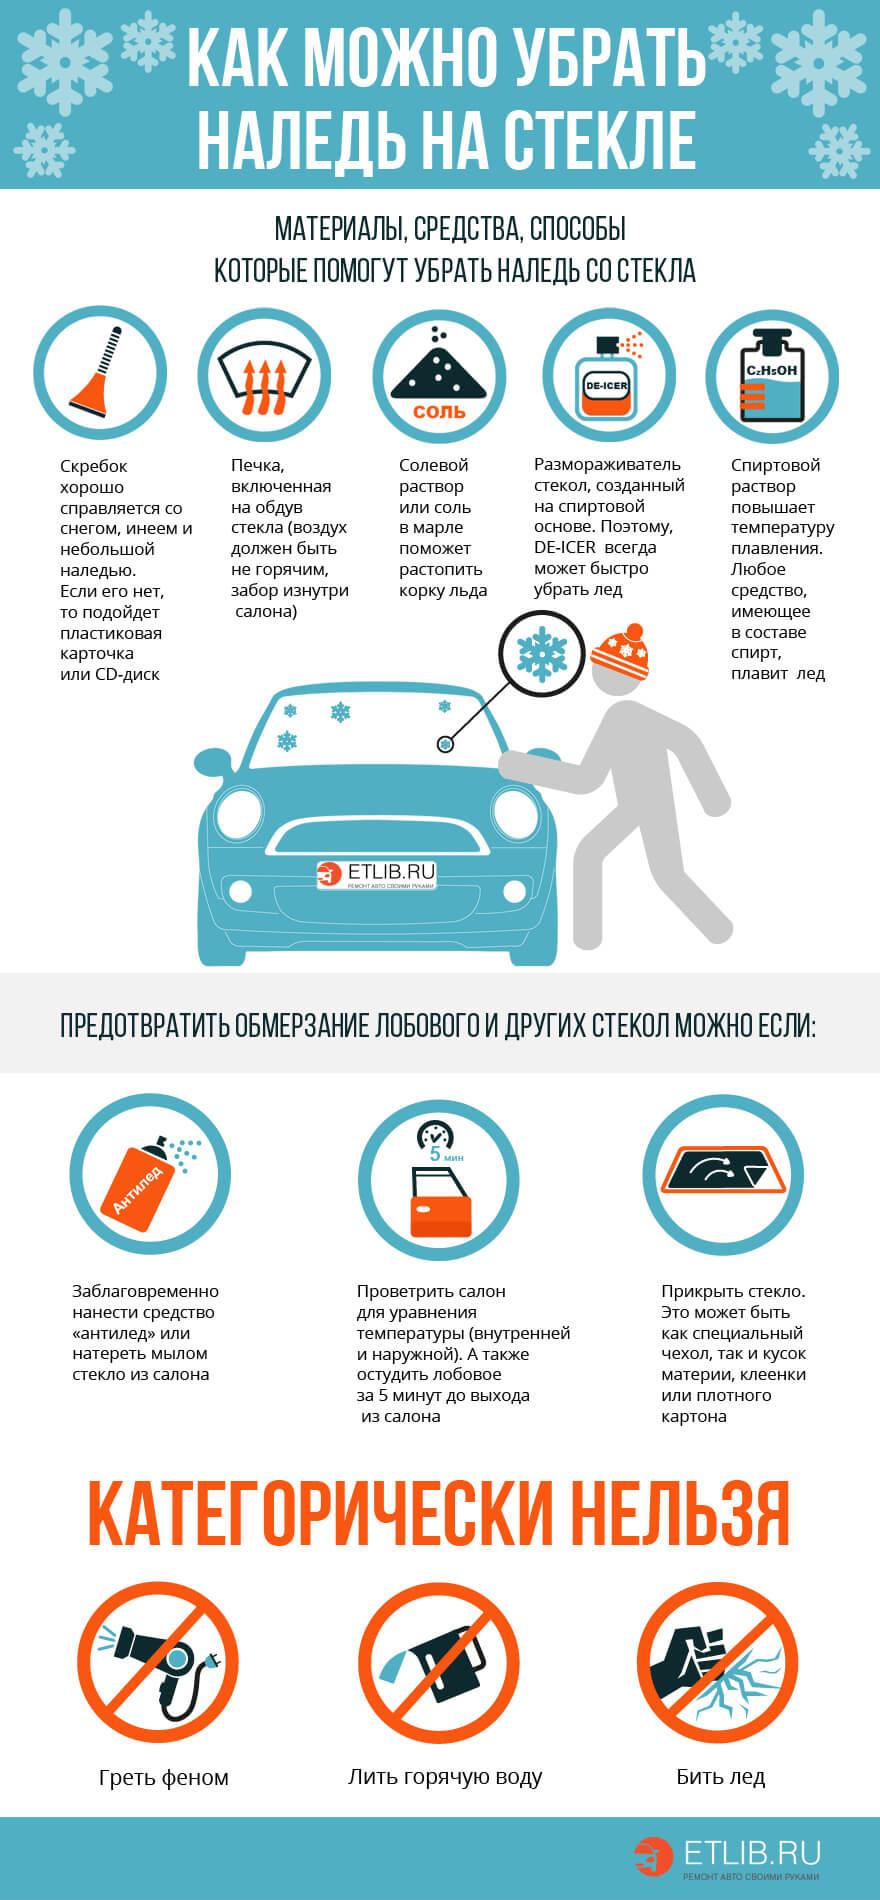 Как бороться с наледью на стекле автомобиля (Инфографика)